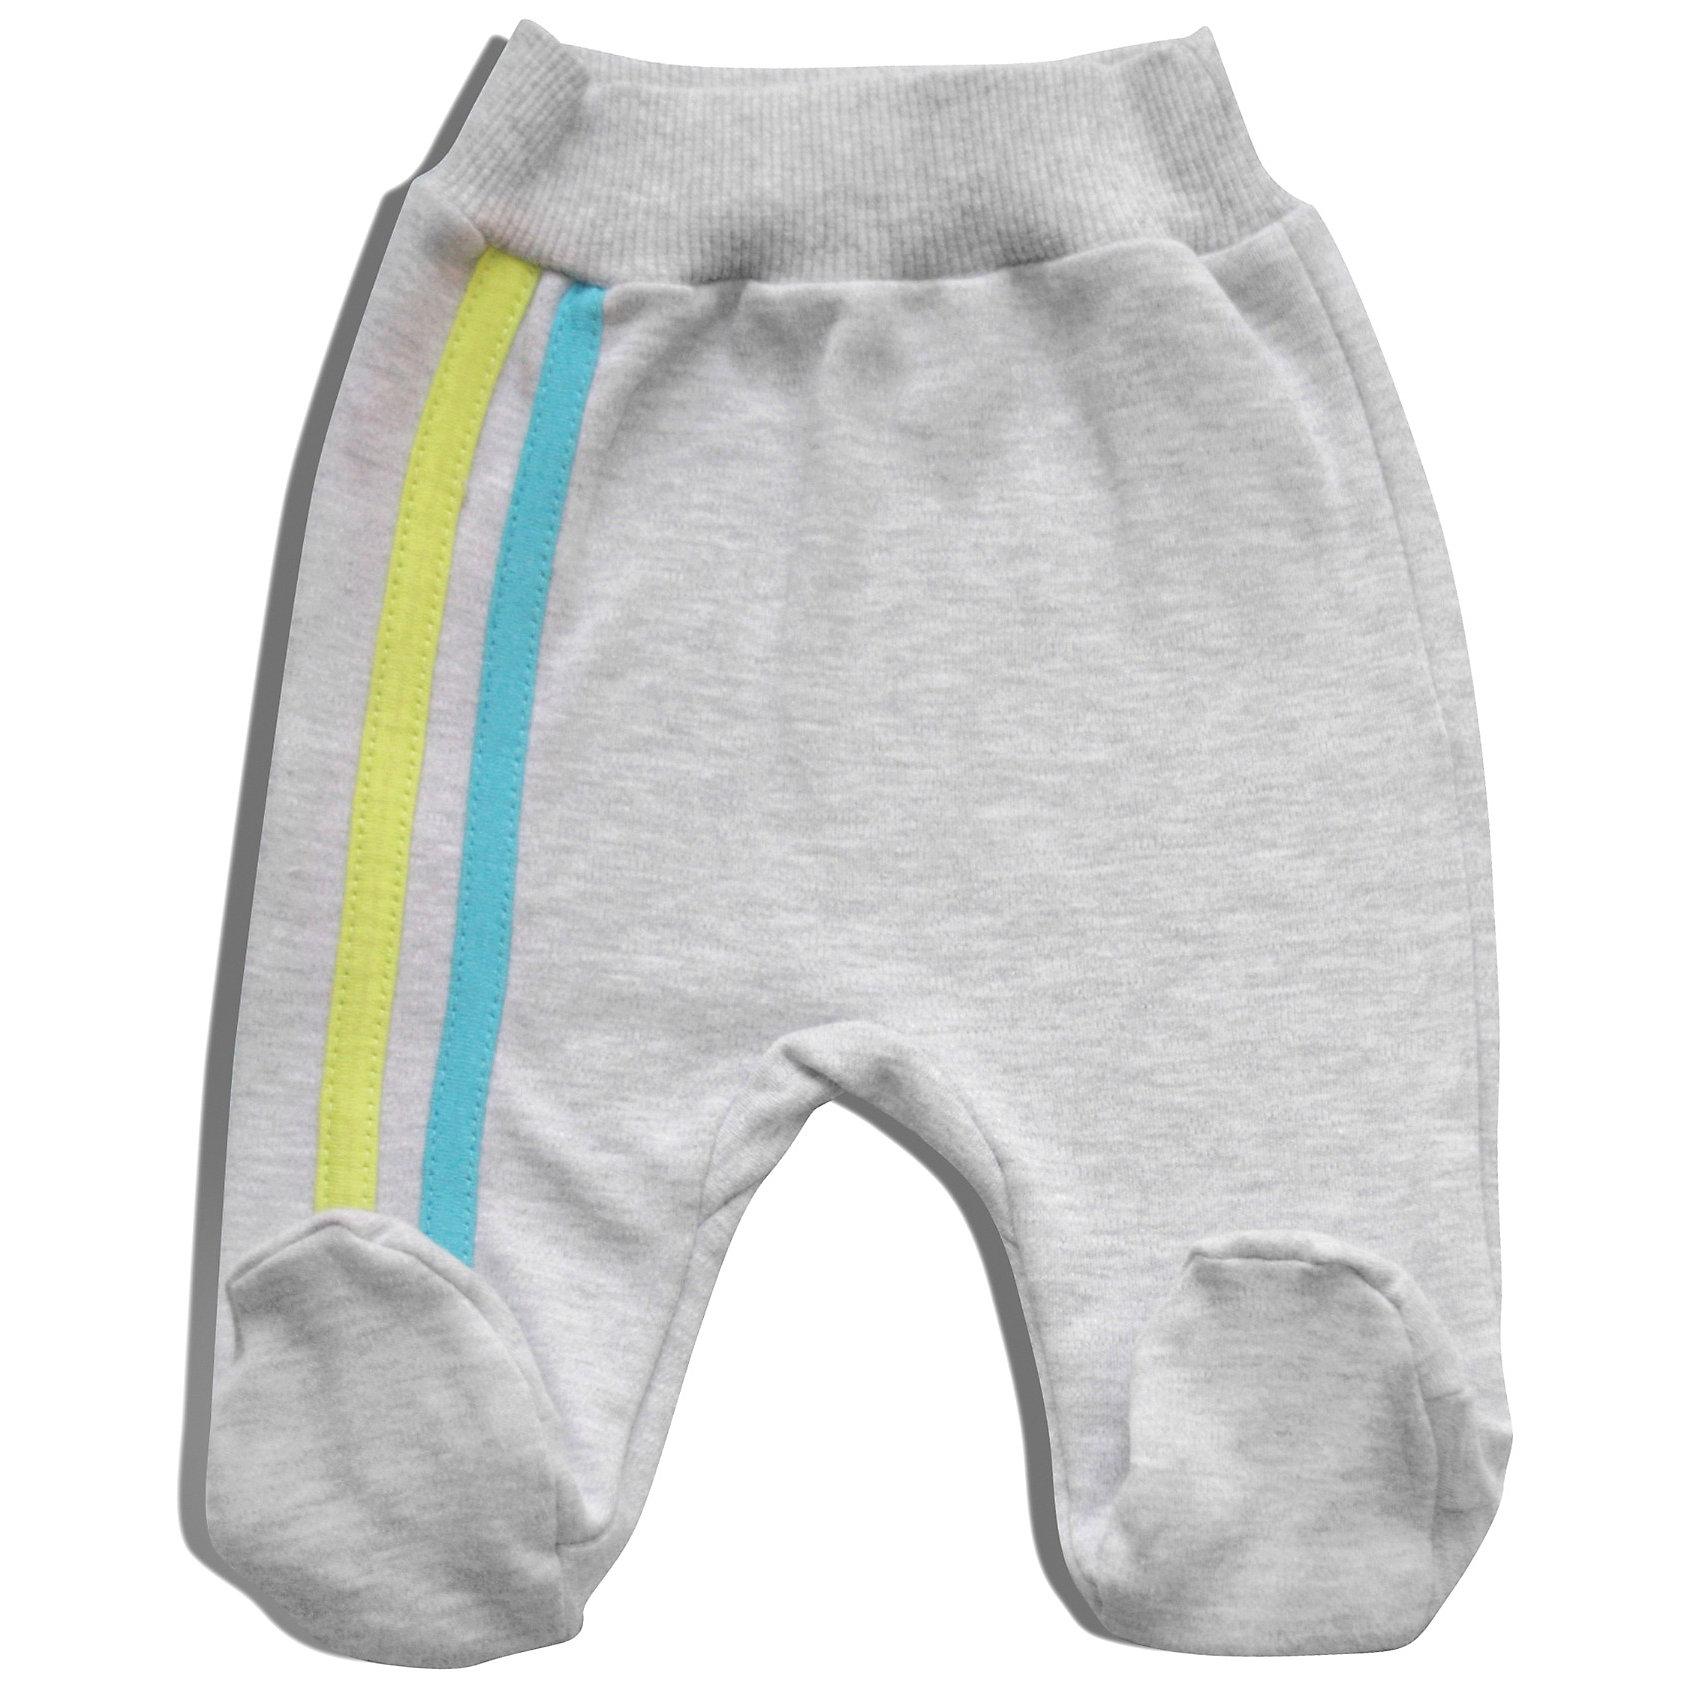 Lucky Child Ползунки для мальчикаПолзунки и штанишки<br>Стильные ползунки с закрытыми пяточками для мальчика. Мягкий эластичный пояс. Приятный к телу натуральный гипоаллергенный материал (100% хлопок).<br><br>Ширина мм: 157<br>Глубина мм: 13<br>Высота мм: 119<br>Вес г: 200<br>Цвет: серый<br>Возраст от месяцев: 2<br>Возраст до месяцев: 5<br>Пол: Мужской<br>Возраст: Детский<br>Размер: 56/62,50/56,62/68,68/74,74/80,80/86<br>SKU: 2635016